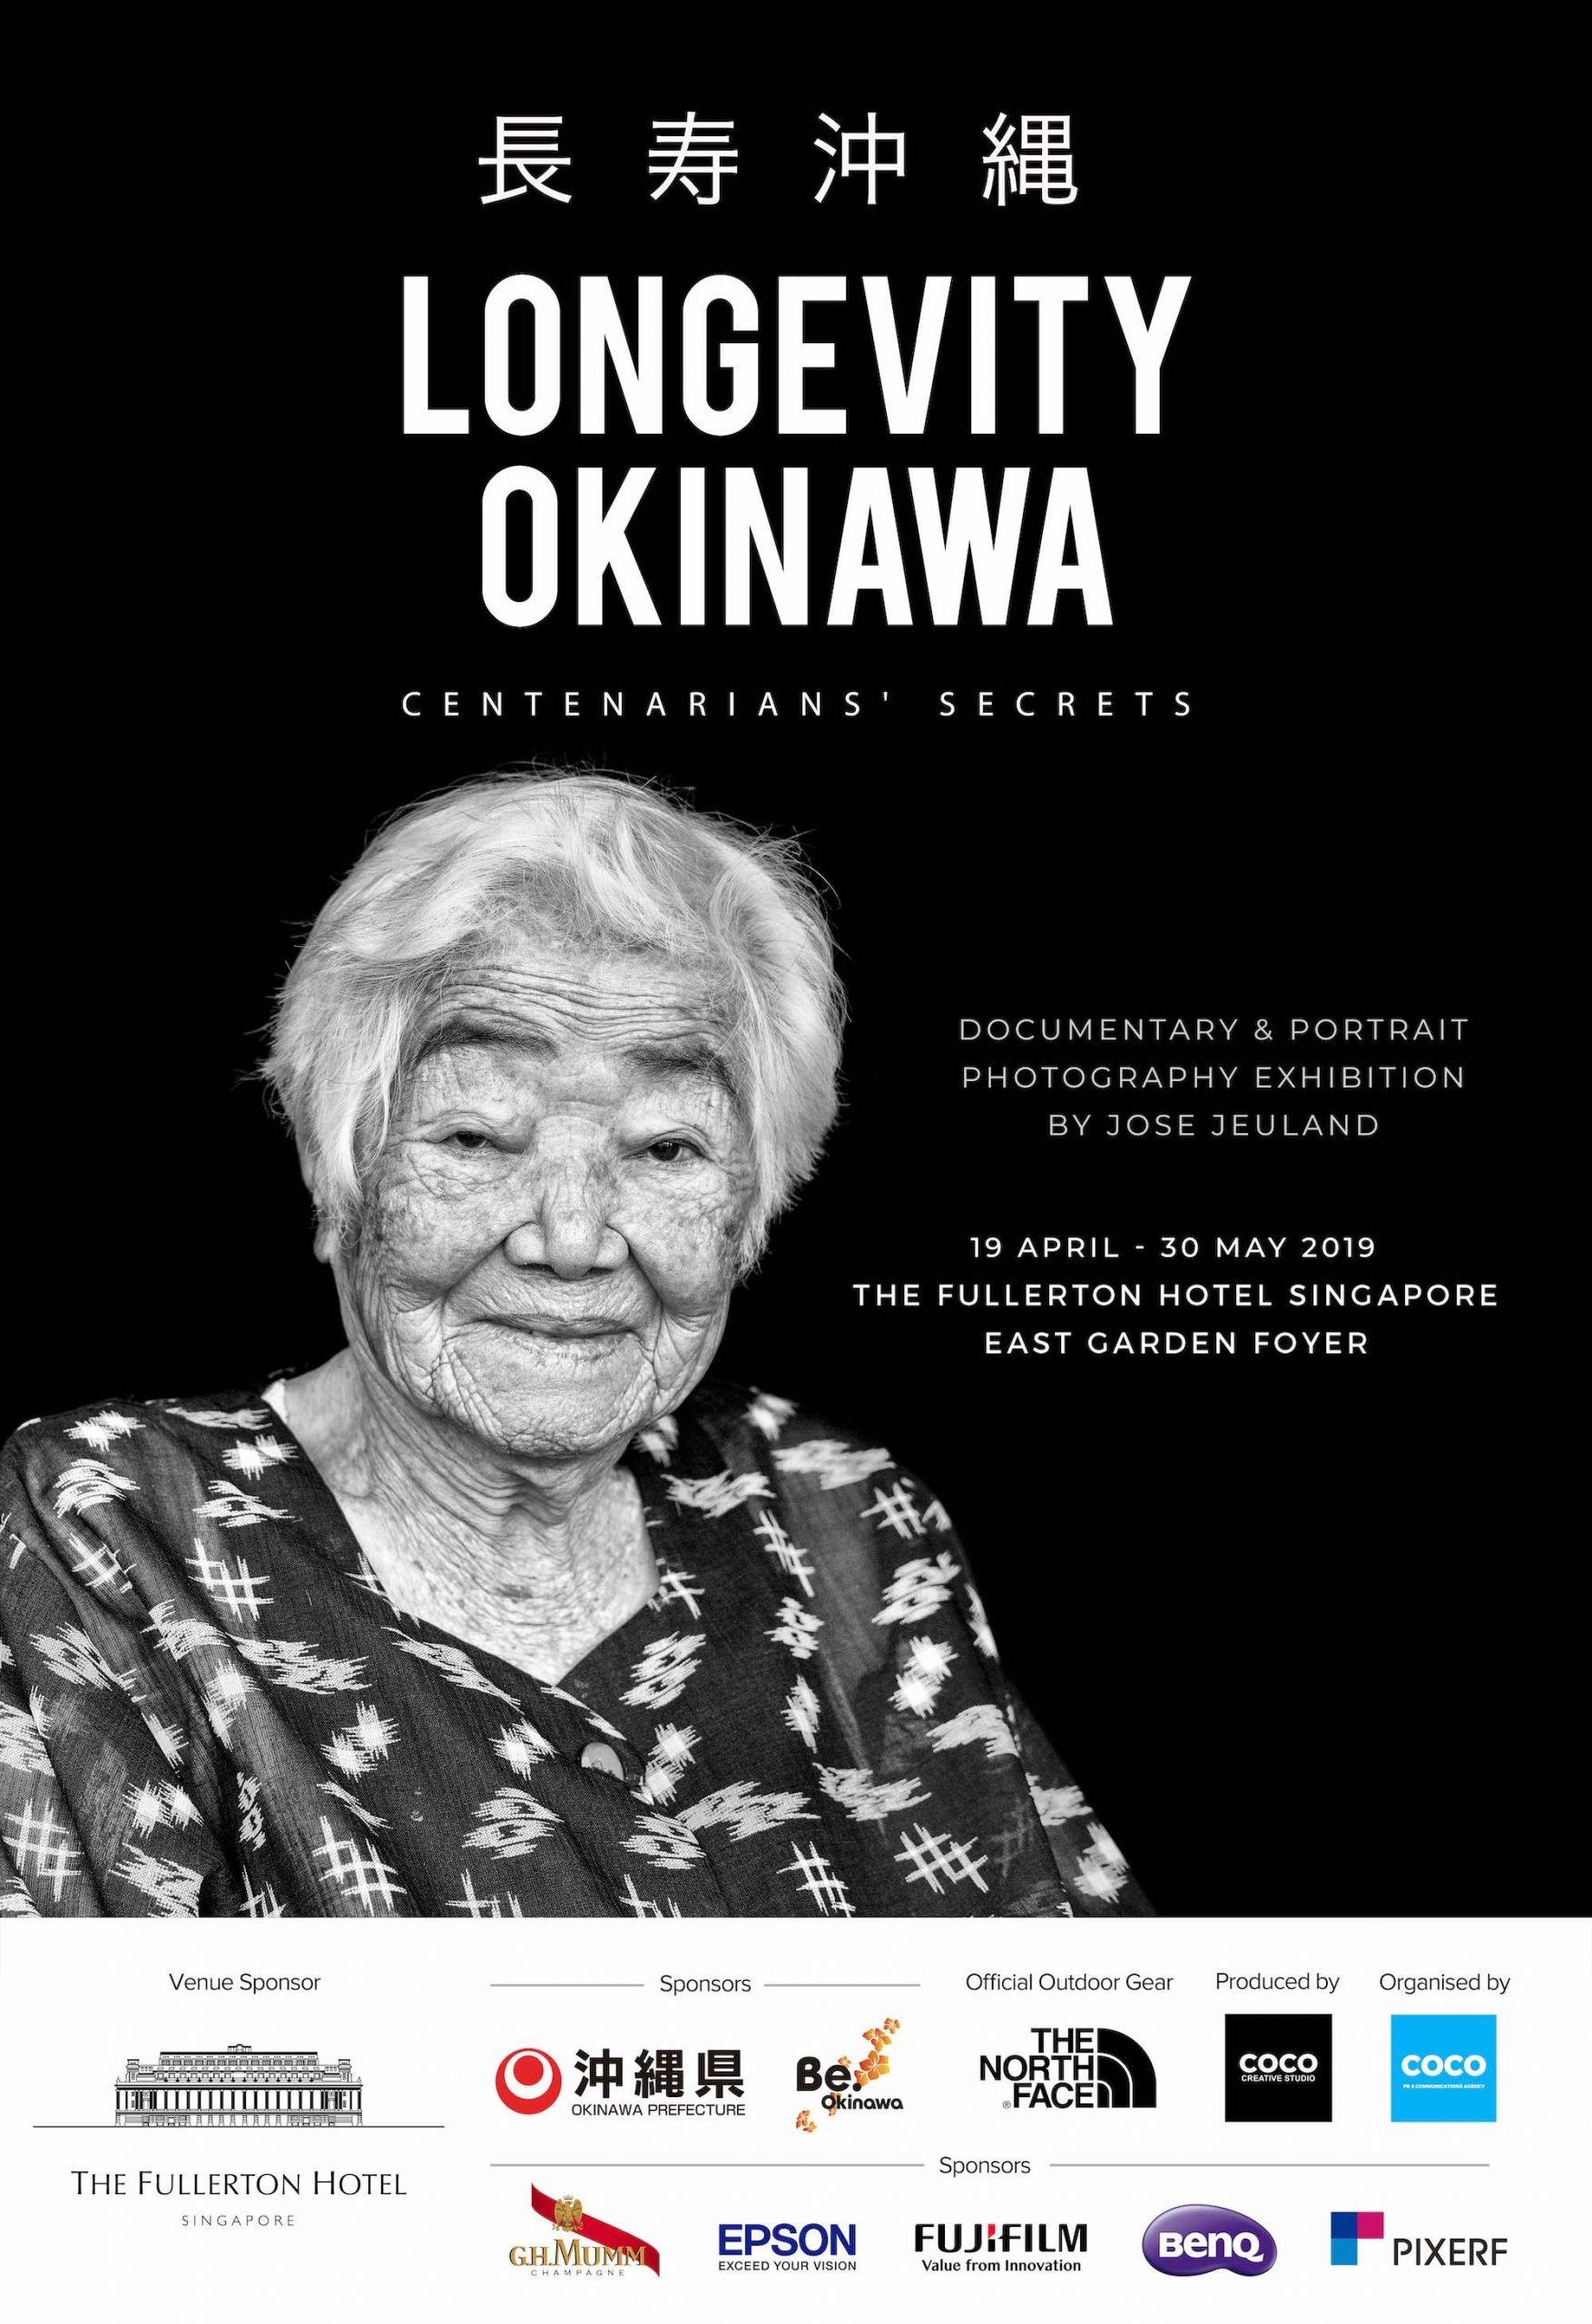 Longevity Okinawa Exhibition Singapore Jose, Jeuland, photographer